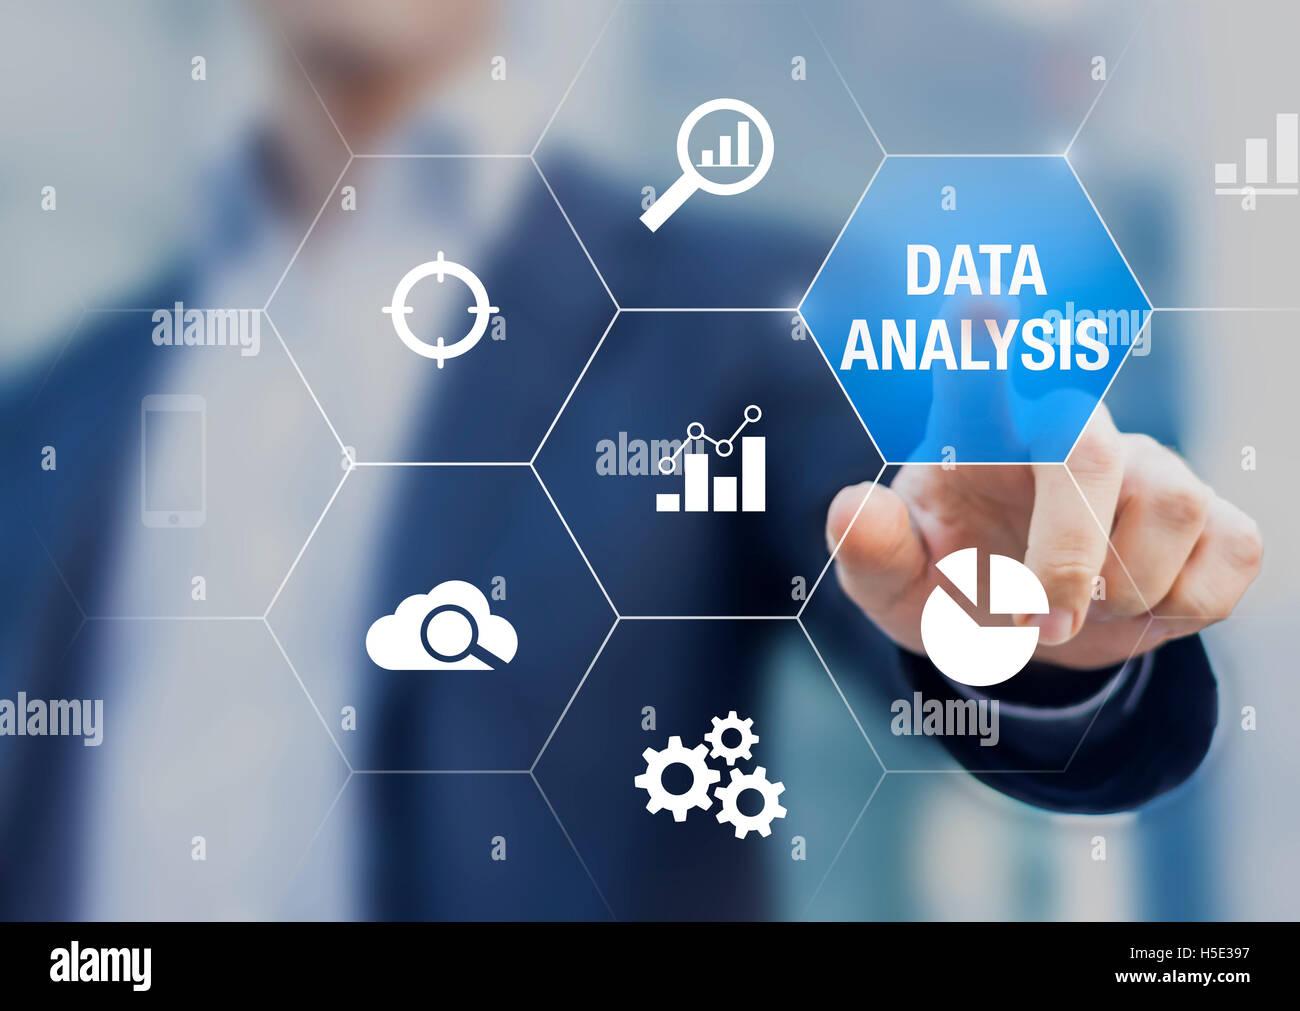 Consultor mostrando en pantalla el concepto de análisis de datos con gráficos de inteligencia y estrategia Imagen De Stock